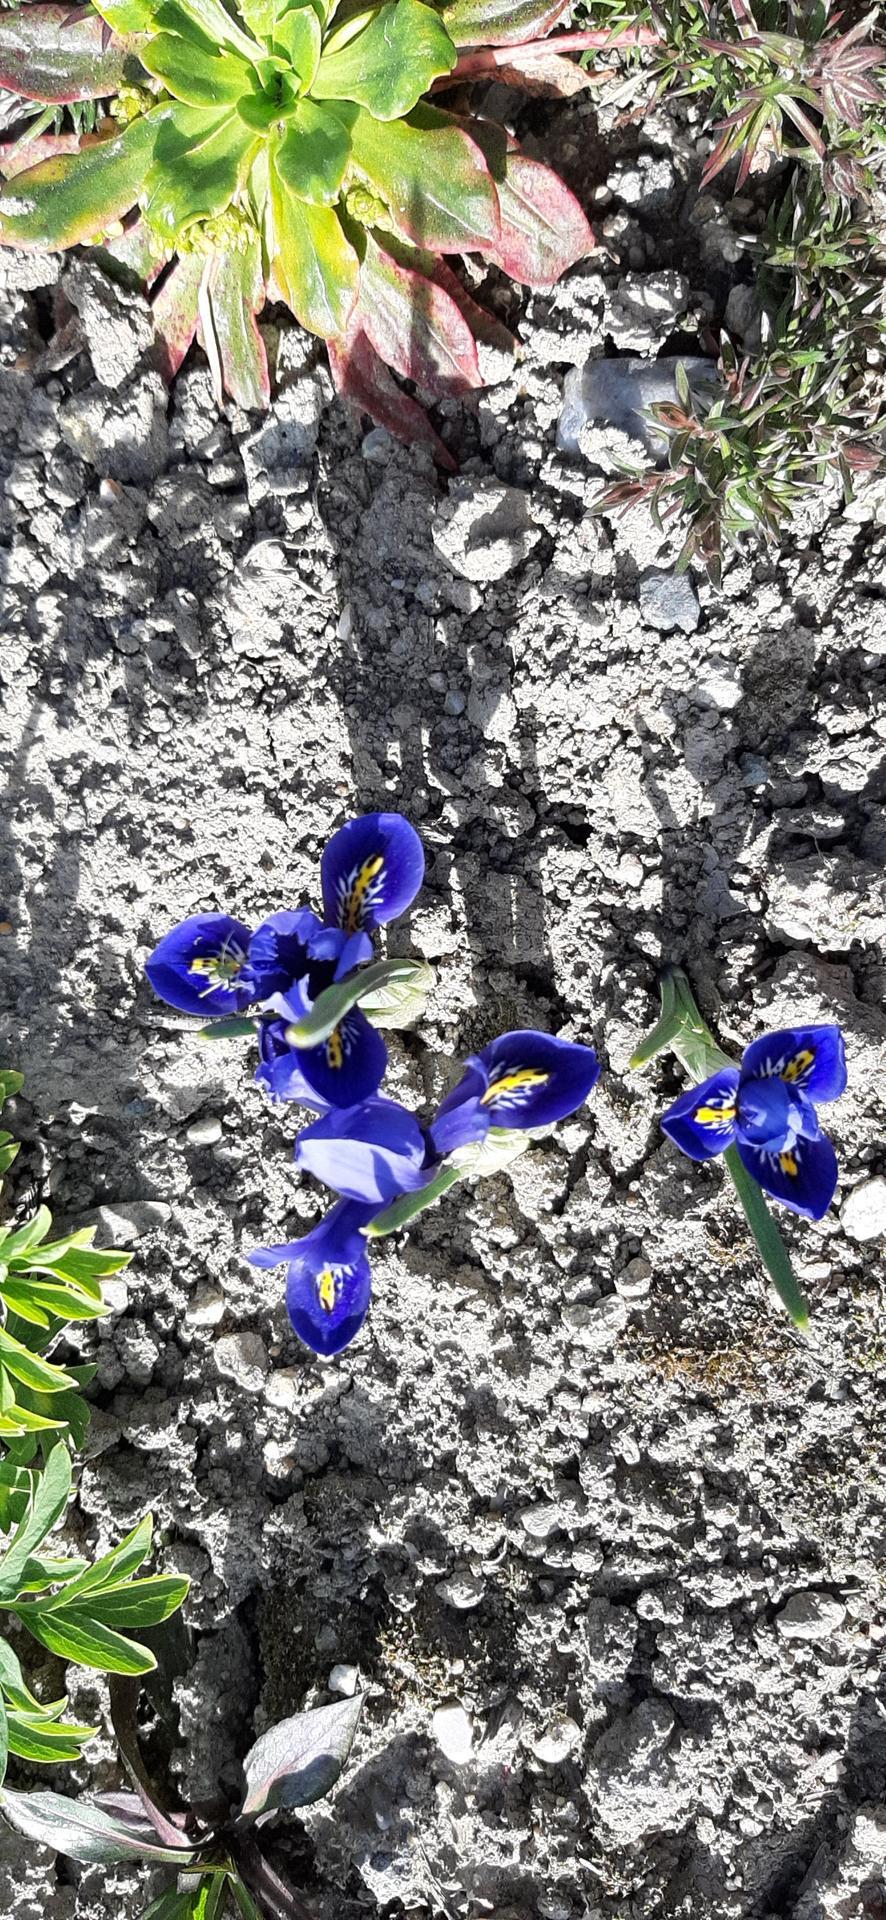 🏠🌞🌺❤🌷 Zahrada a jej dalsi rok...2020 🌱🐞🐛🦋🍓🥕🍅🌺❤ - Iris.